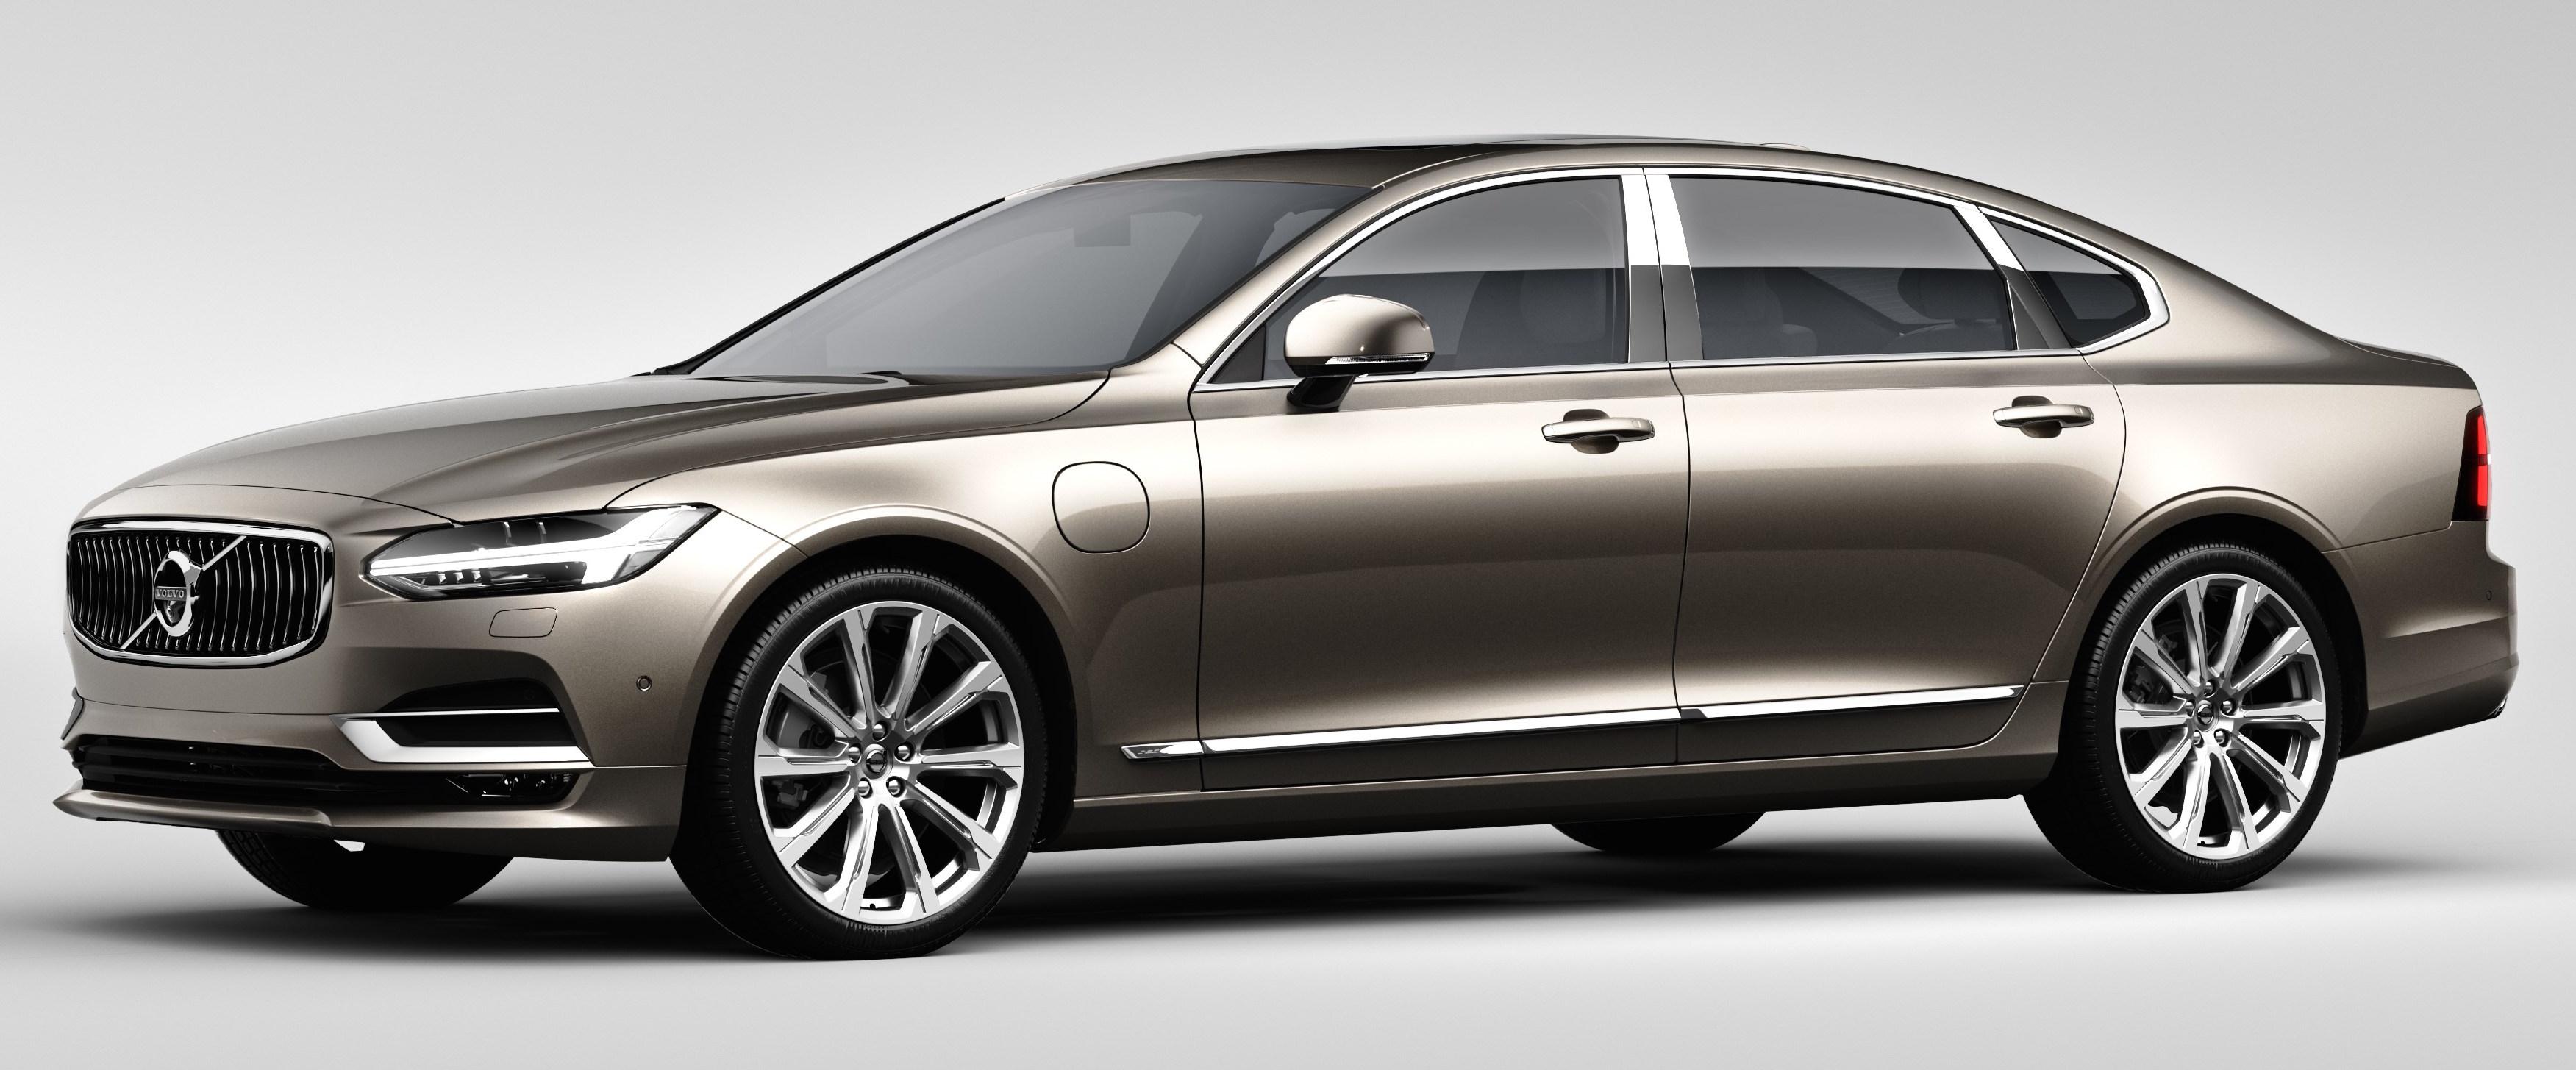 中国发布 Volvo S90 L 与 S90 Excellence 奢华配备视频。 Volvo S90